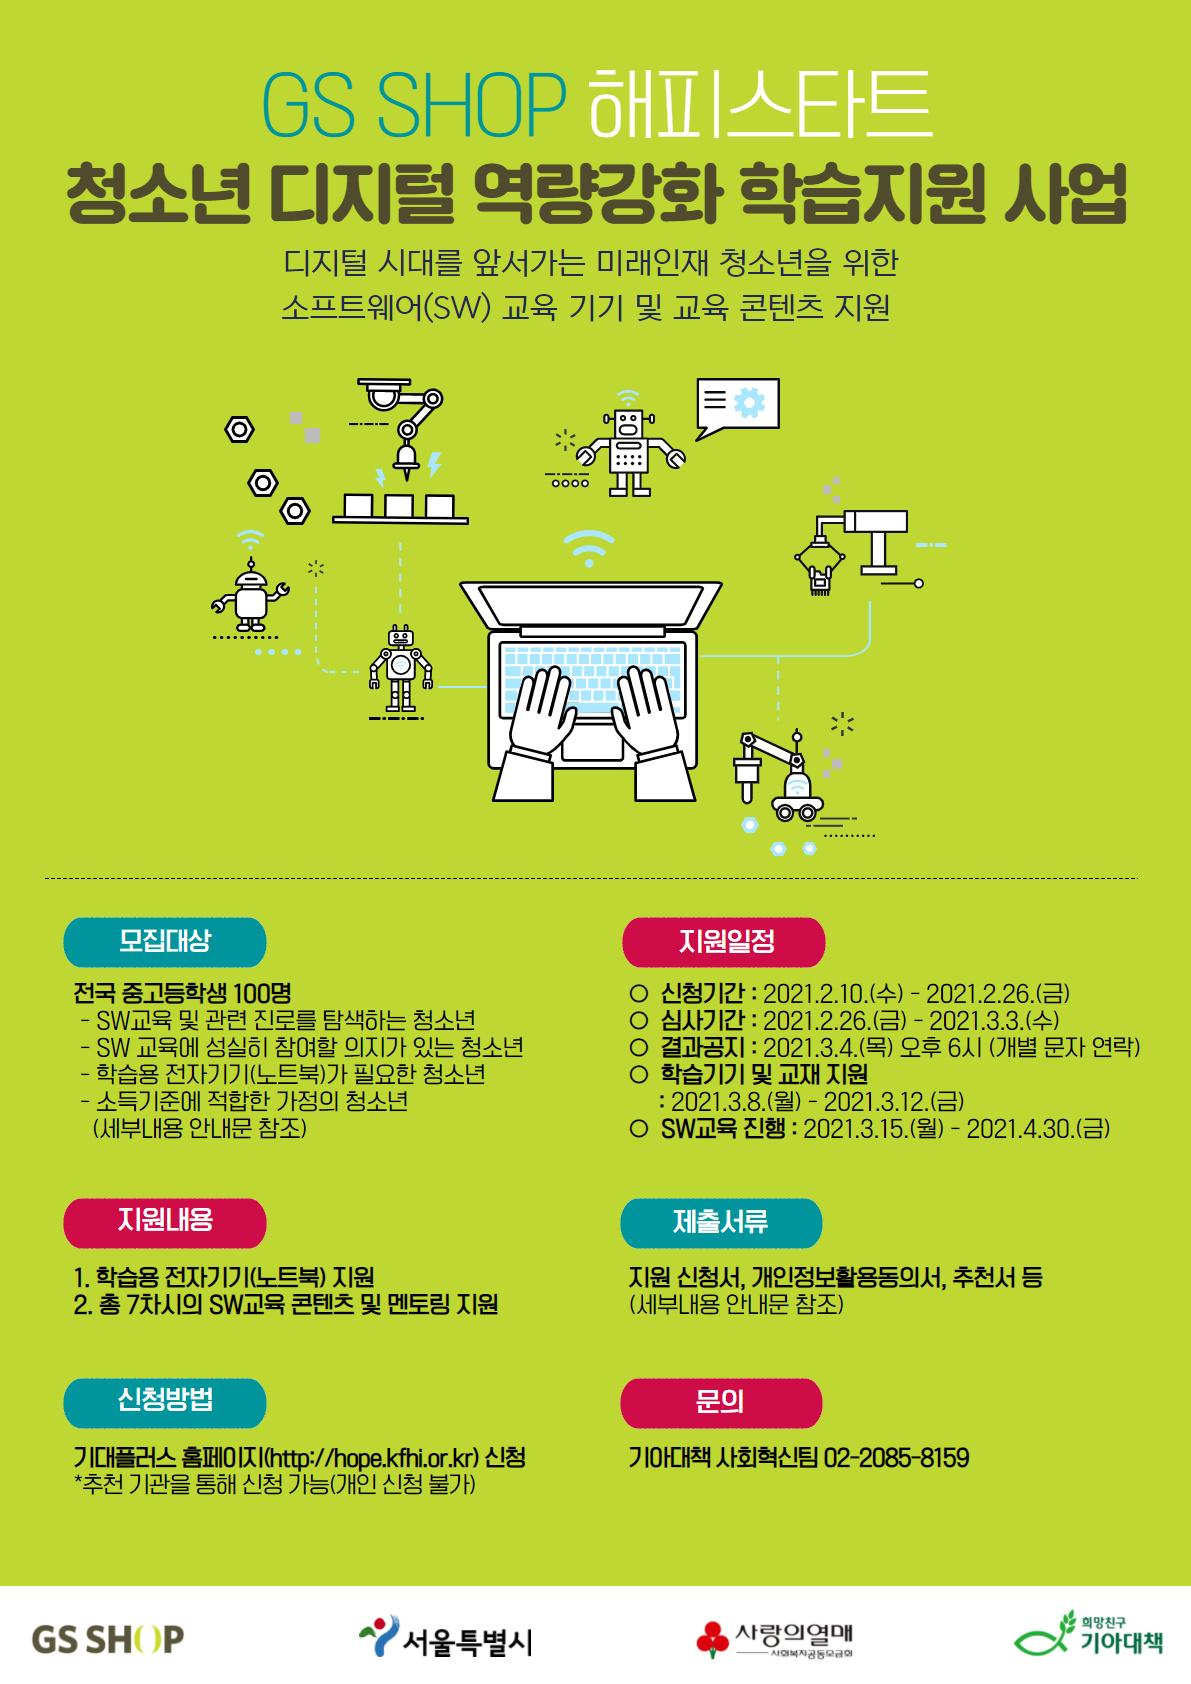 [사업포스터] GS SHOP 해피스타트 청소년 디지털 역량강화 학습지원 사업 모집 웹포스터_최종.jpg